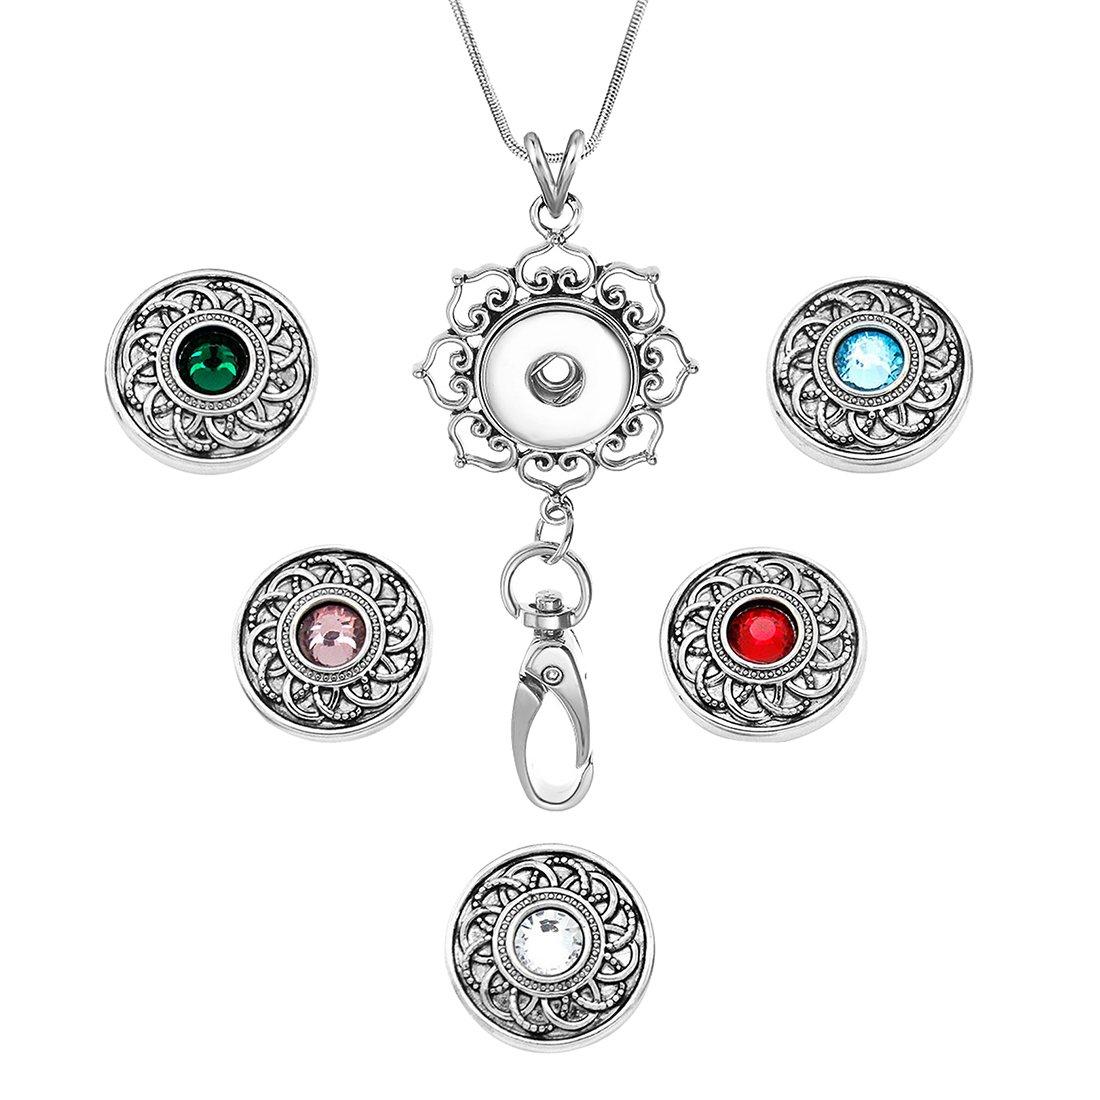 Derschiedene Edelstahl Halskette Kette Lanyard für Ausweishalter und Schlüssel